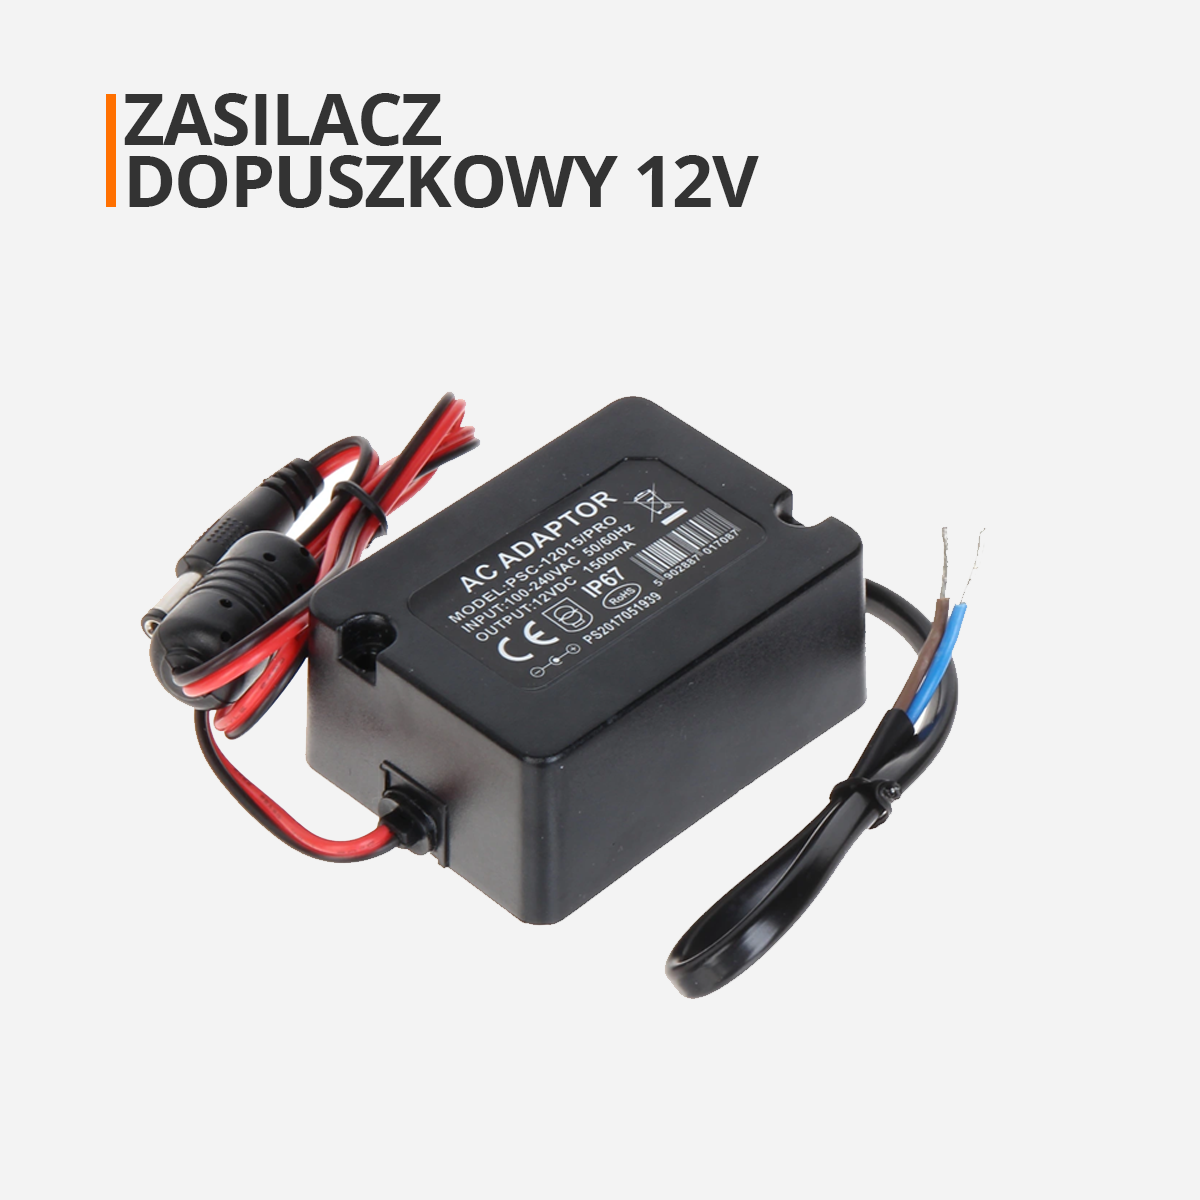 Zasilacz do puszki montażowej orllo.pl